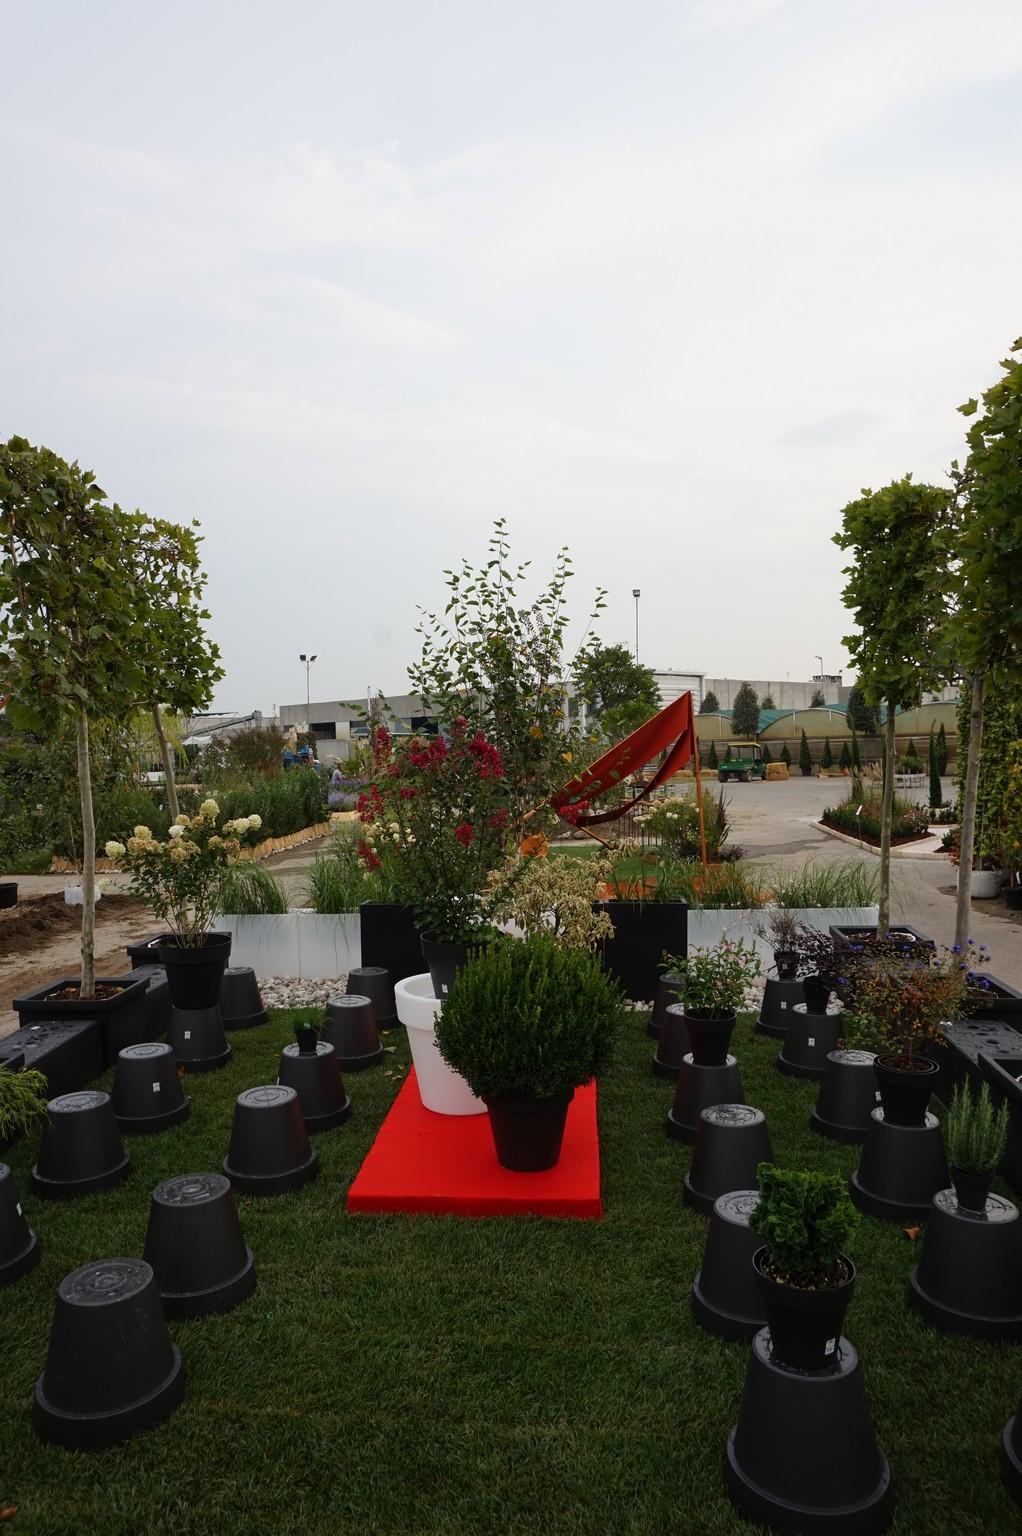 Concorso giardini Verdeggiando_118 Fashion Green Parade (7GKW3) DM Landscape Marica Succi e Domenico Dipinto